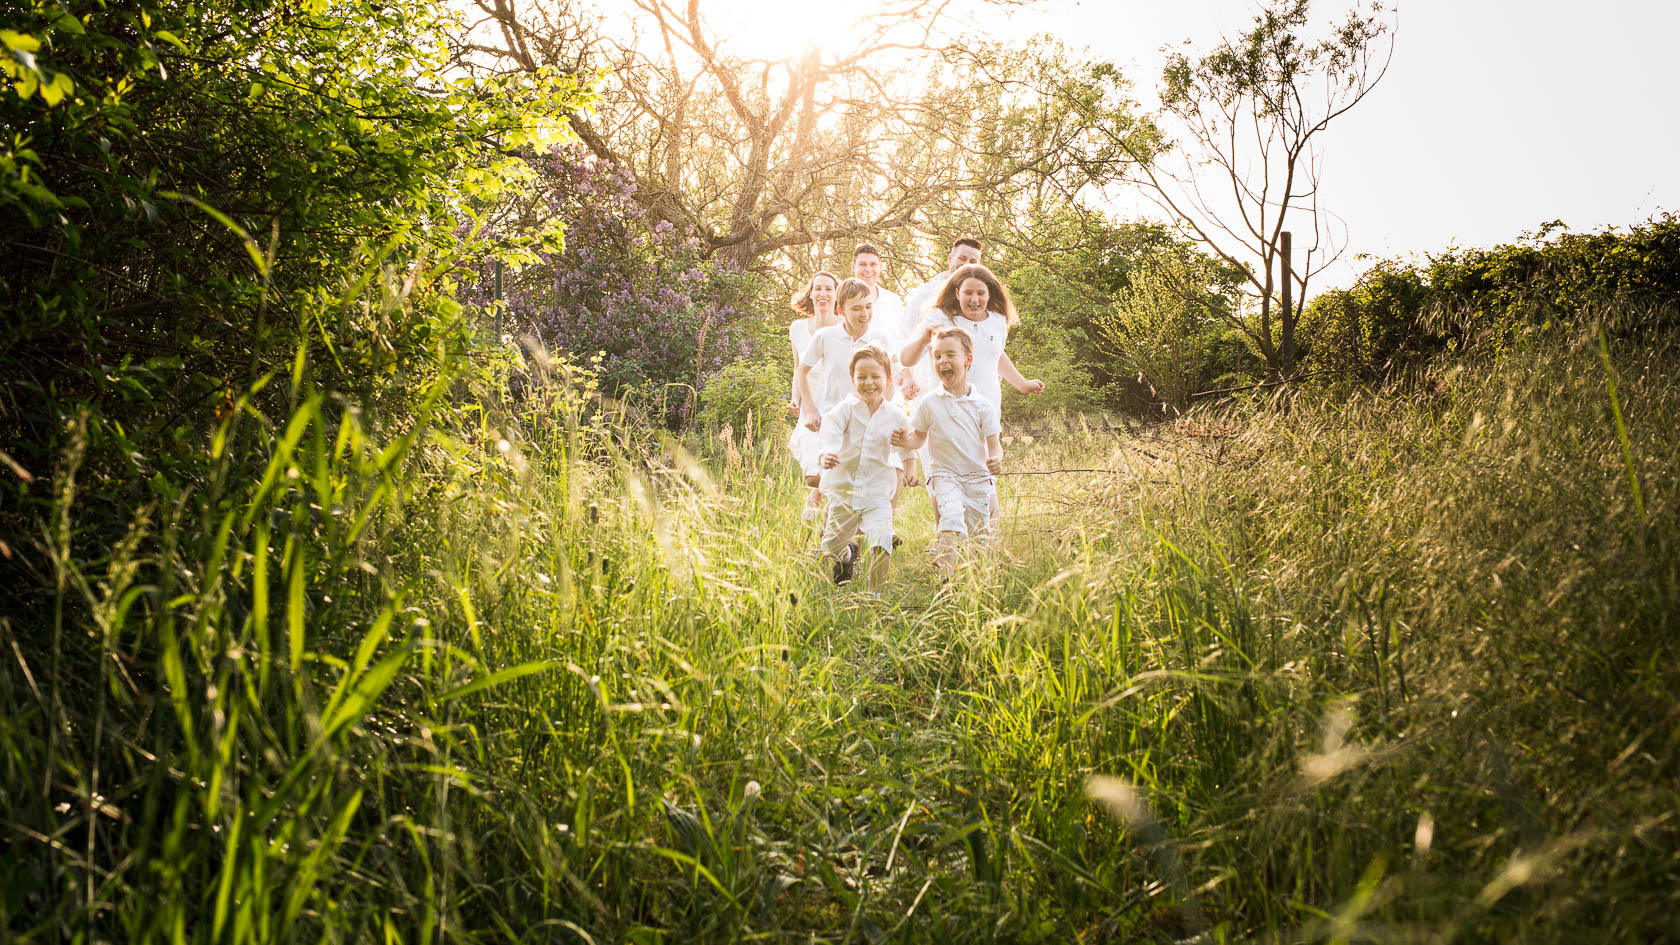 Familienfotos von Familie Koepp und Familie Collet in Kirrlach